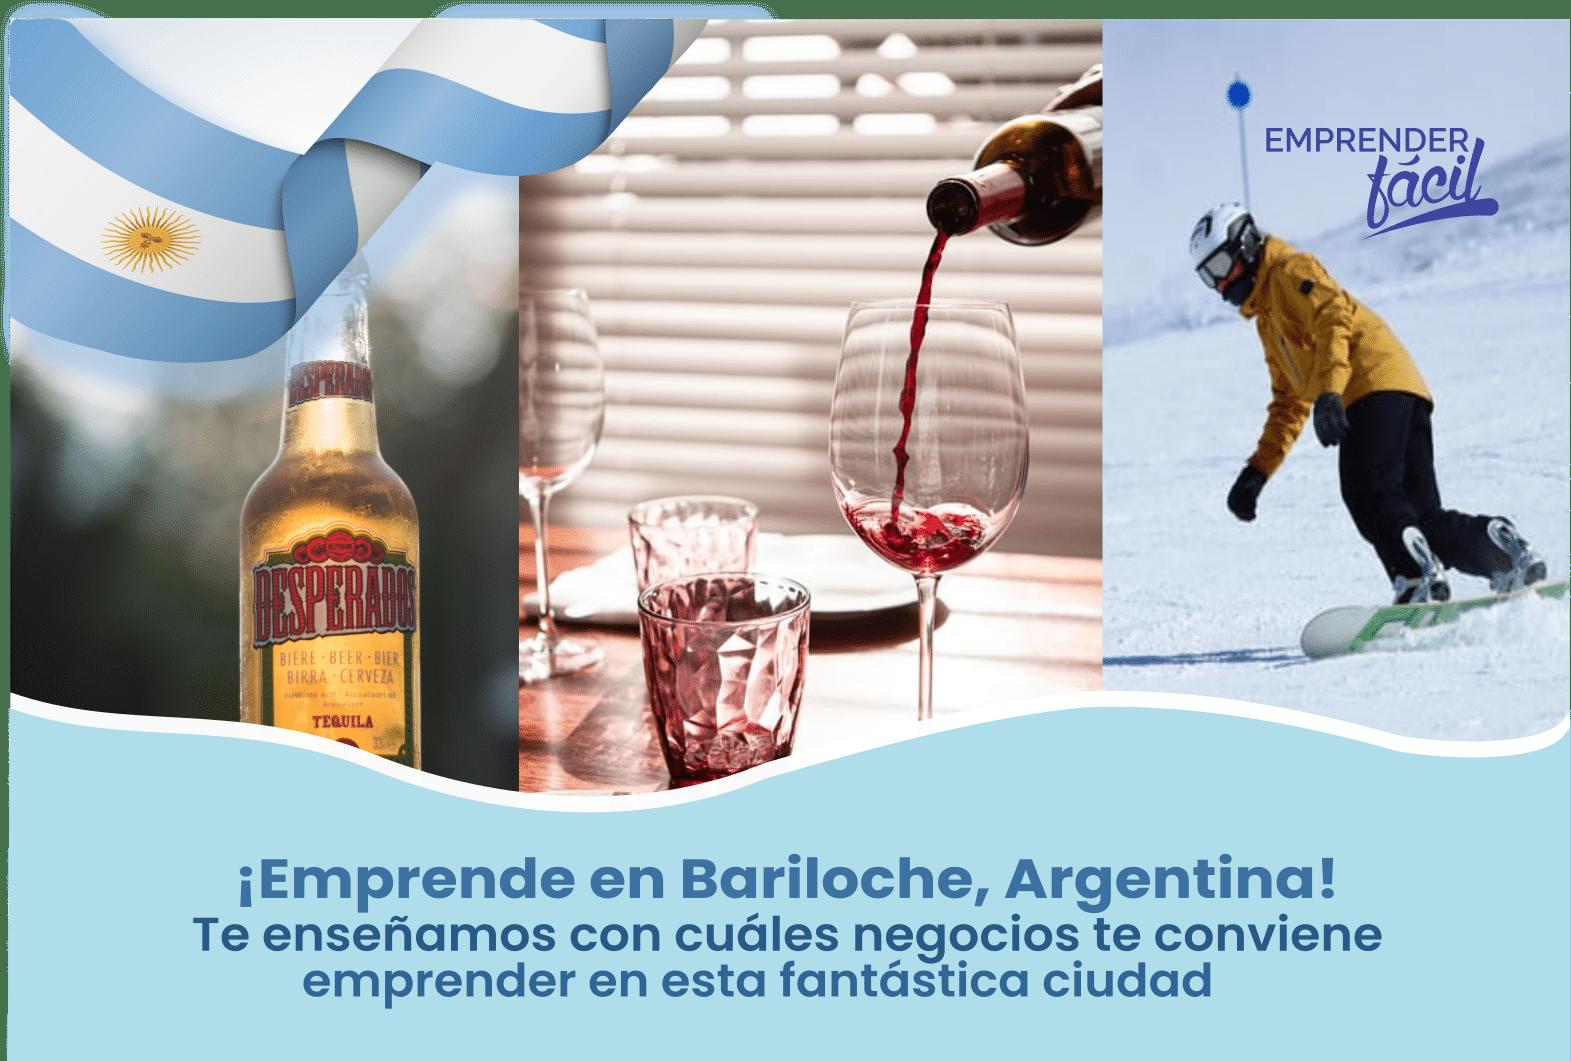 Negocios rentables en Bariloche, Argentina ¡Productivos!